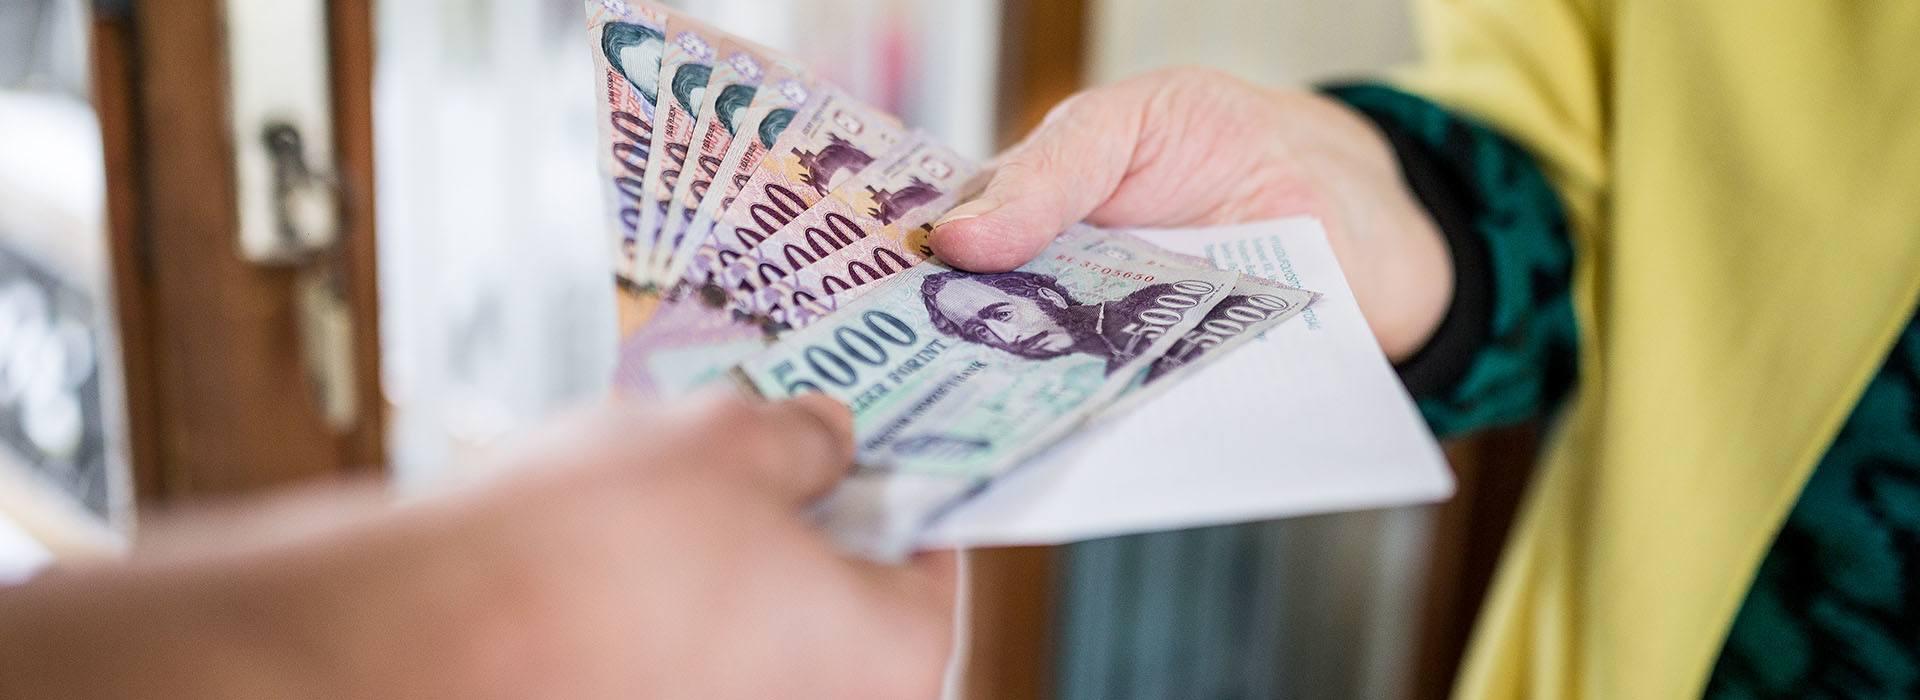 nyugdíjas pénzt)